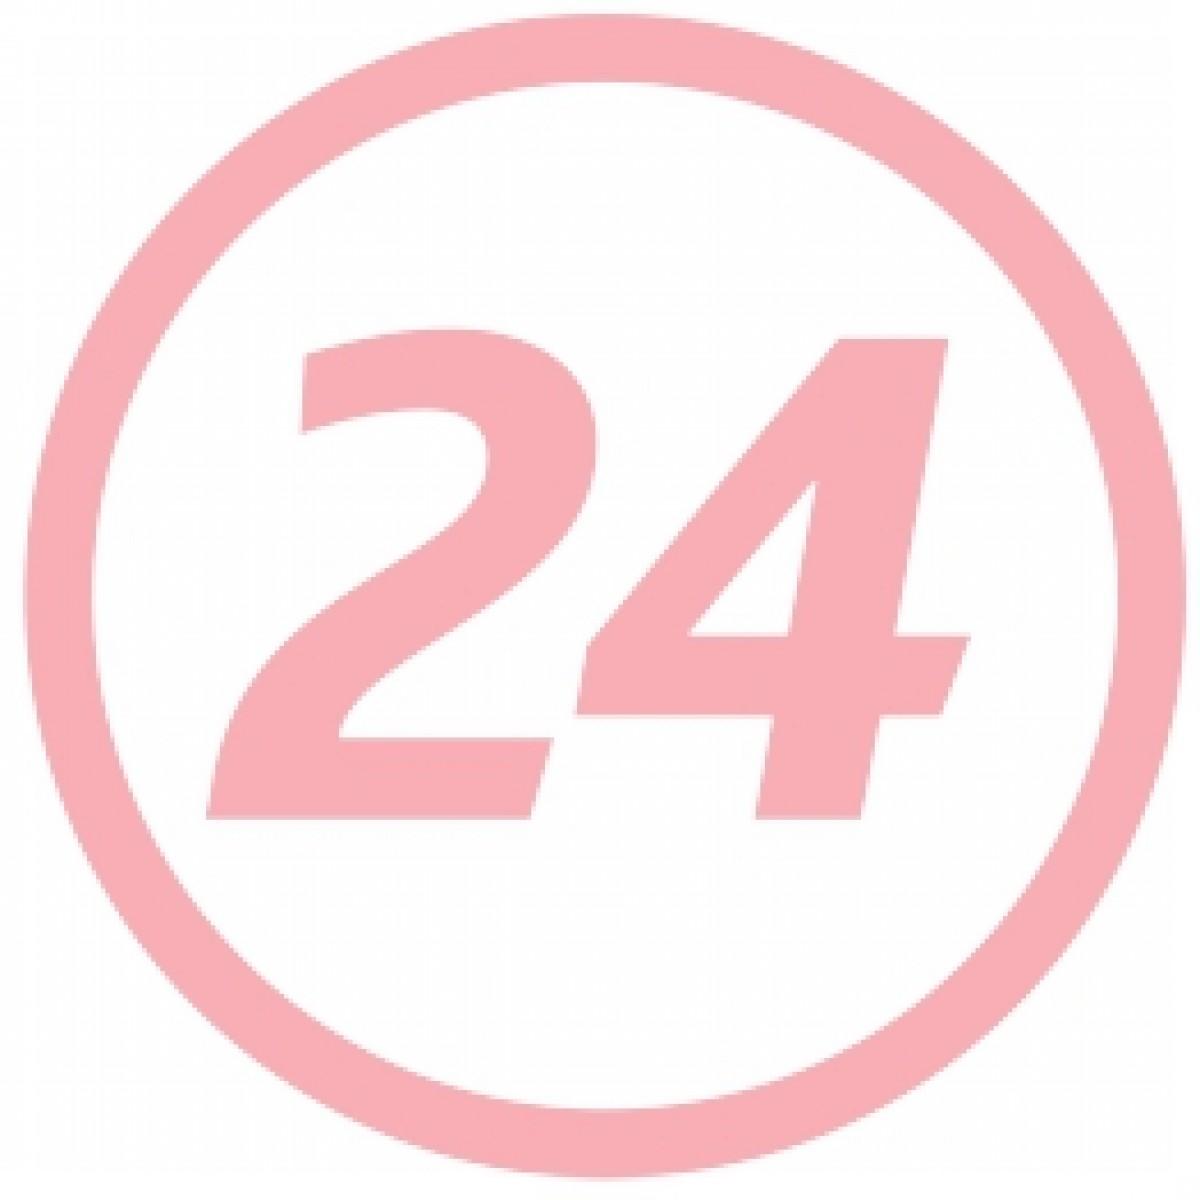 Ducray A-Derma Protect Crema SPF 50+ Fara Parfum, Crema, 40ml